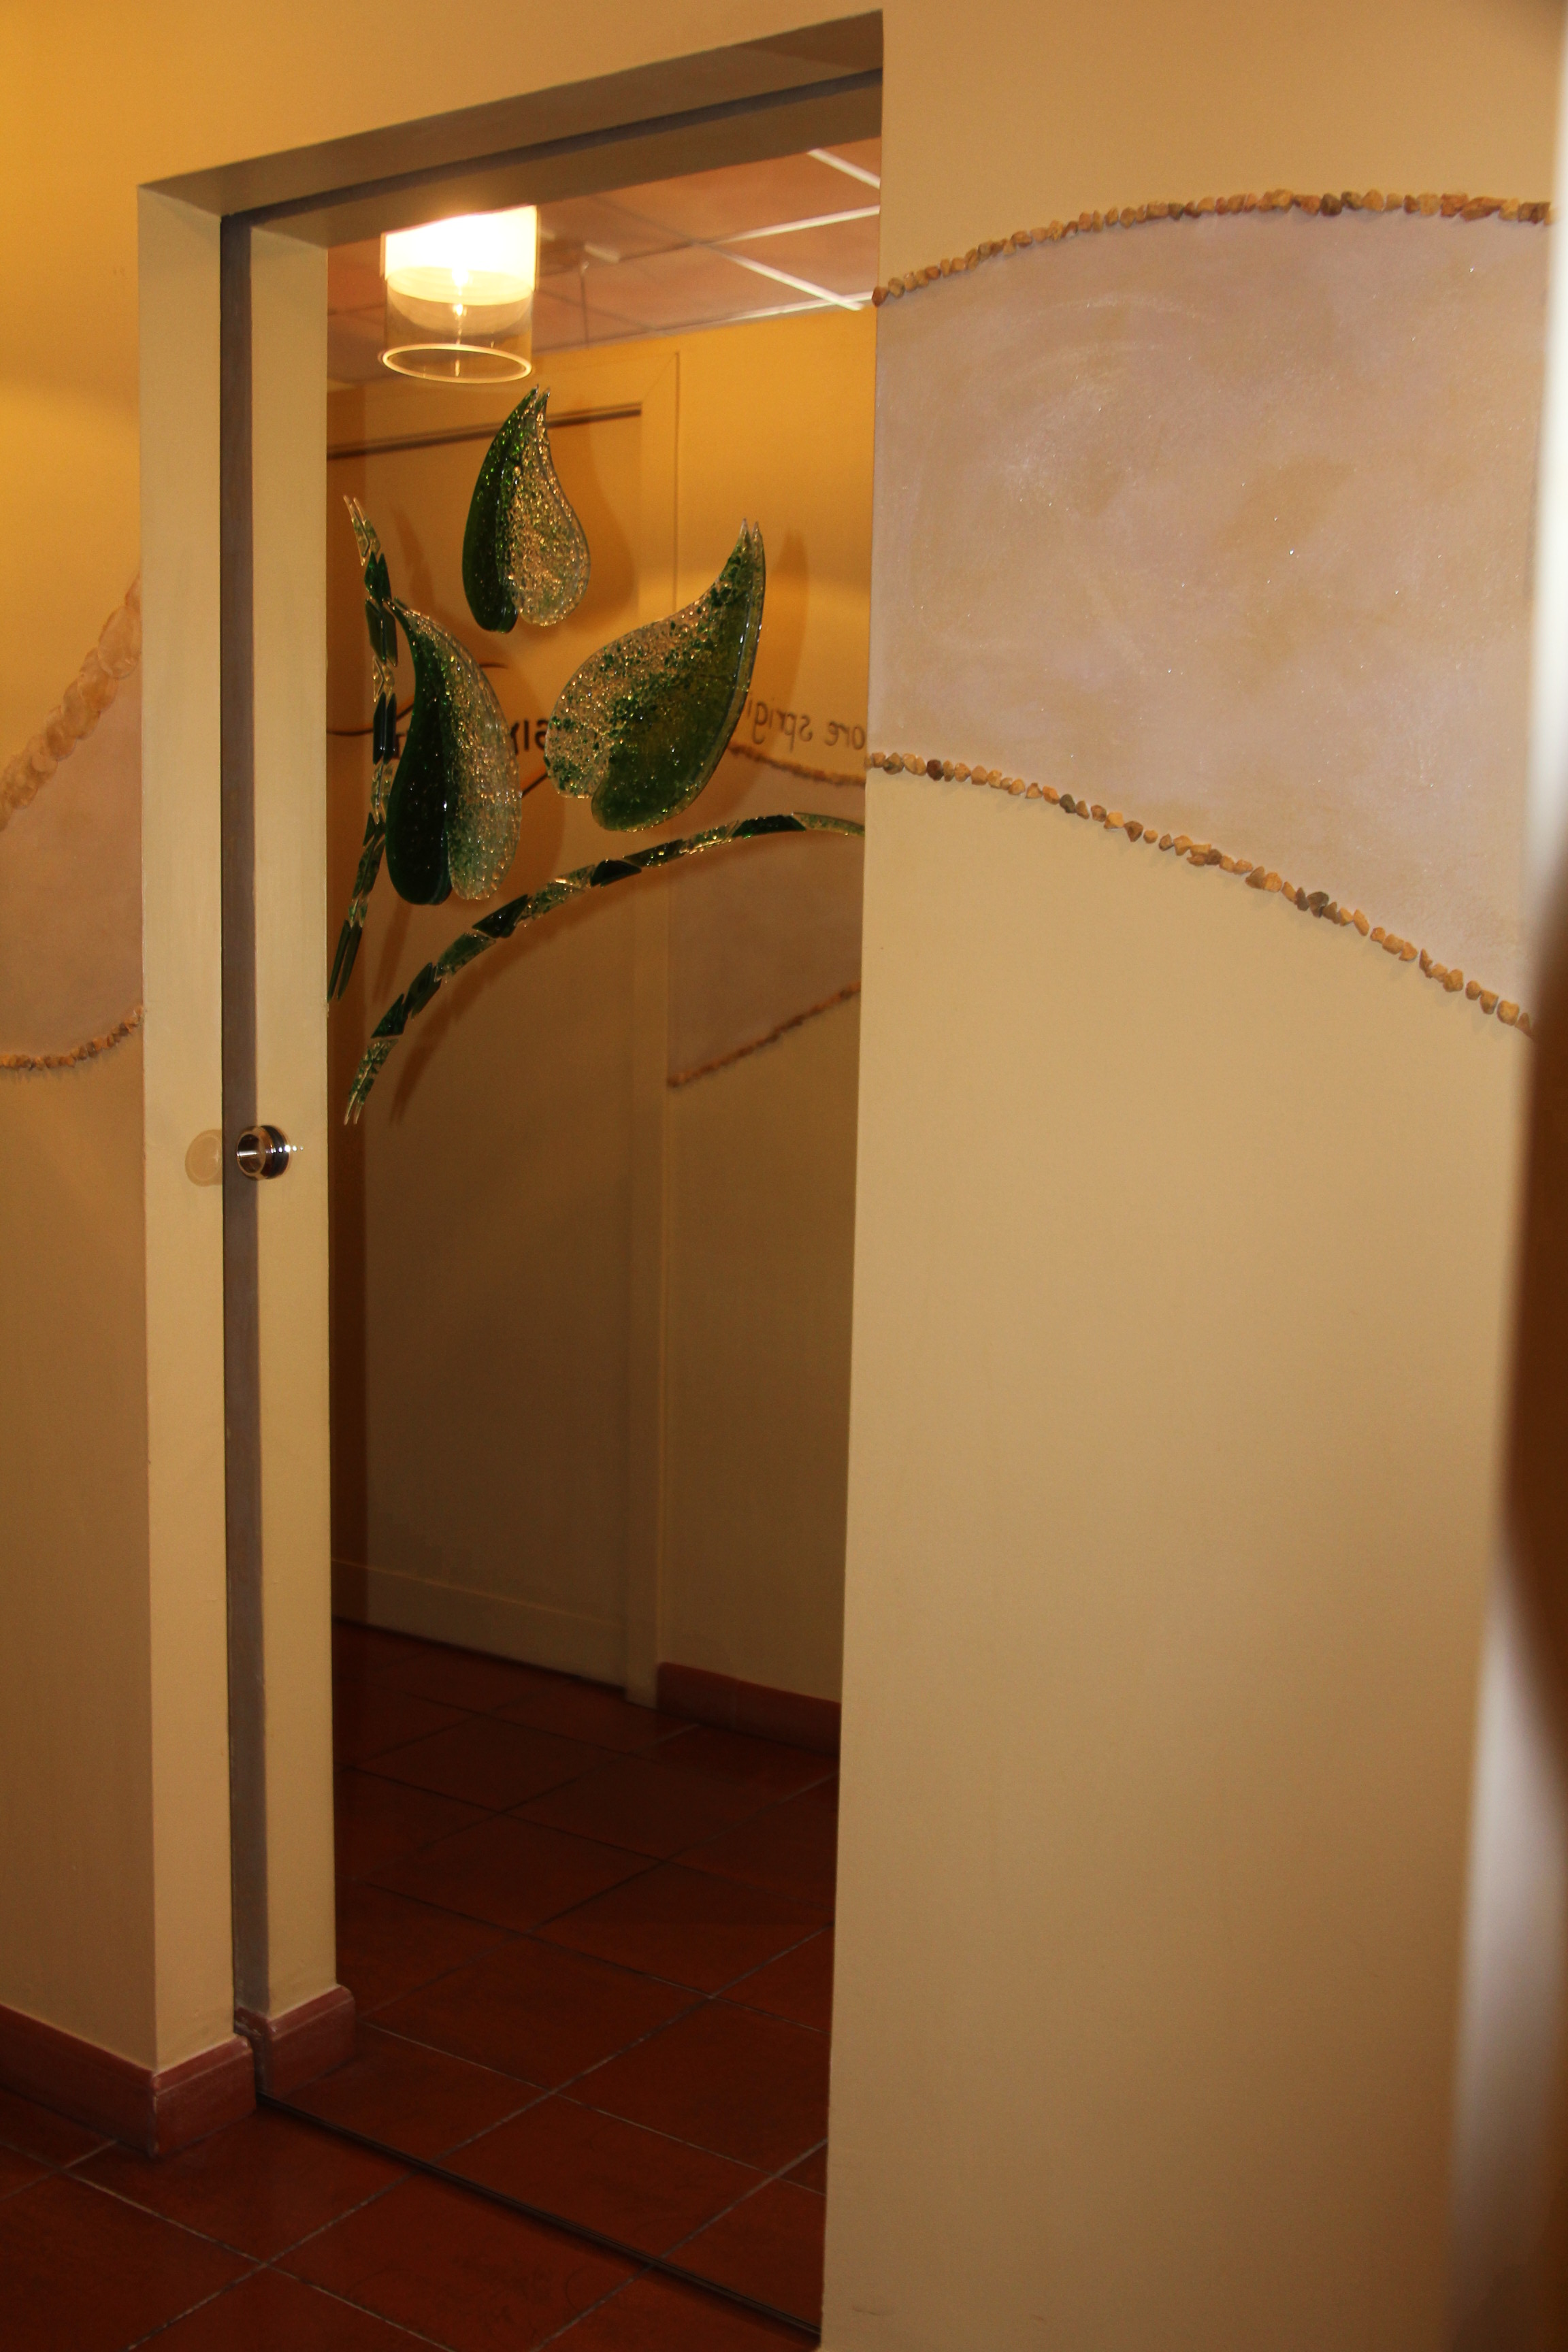 Porta specchio 10 mm temp scorrevole pomolo nicchia minima - Vetri a specchio per finestre ...